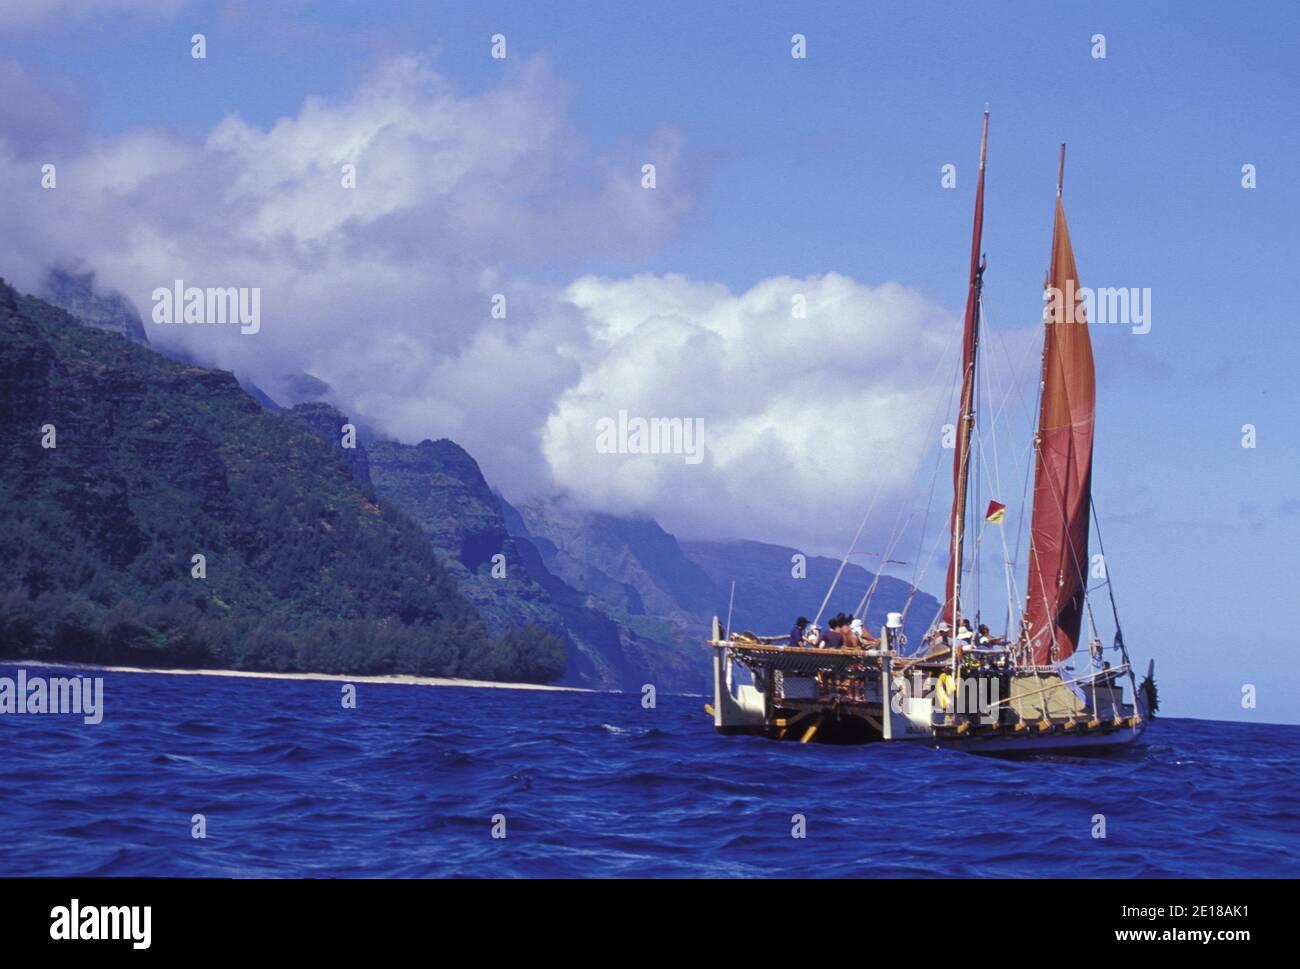 Hokulea, un canot à voile hawaïen traditionnel à double coque, part de la côte de Na Pali pour le voyage vers les îles hawaïennes du nord-ouest Banque D'Images